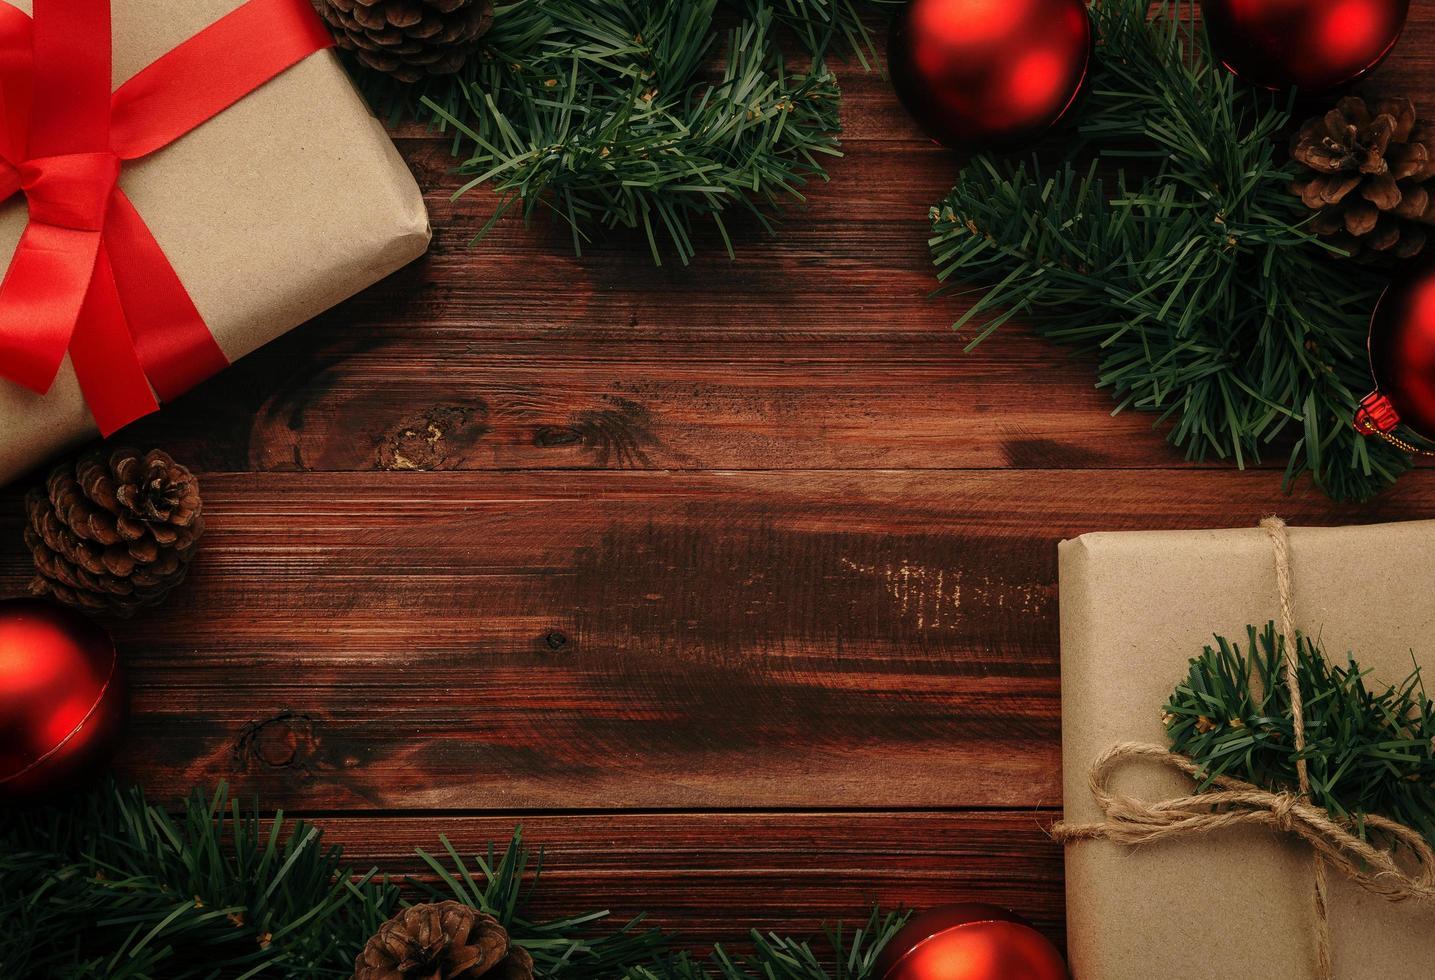 Weihnachtsdekoration auf Holztischhintergrund foto